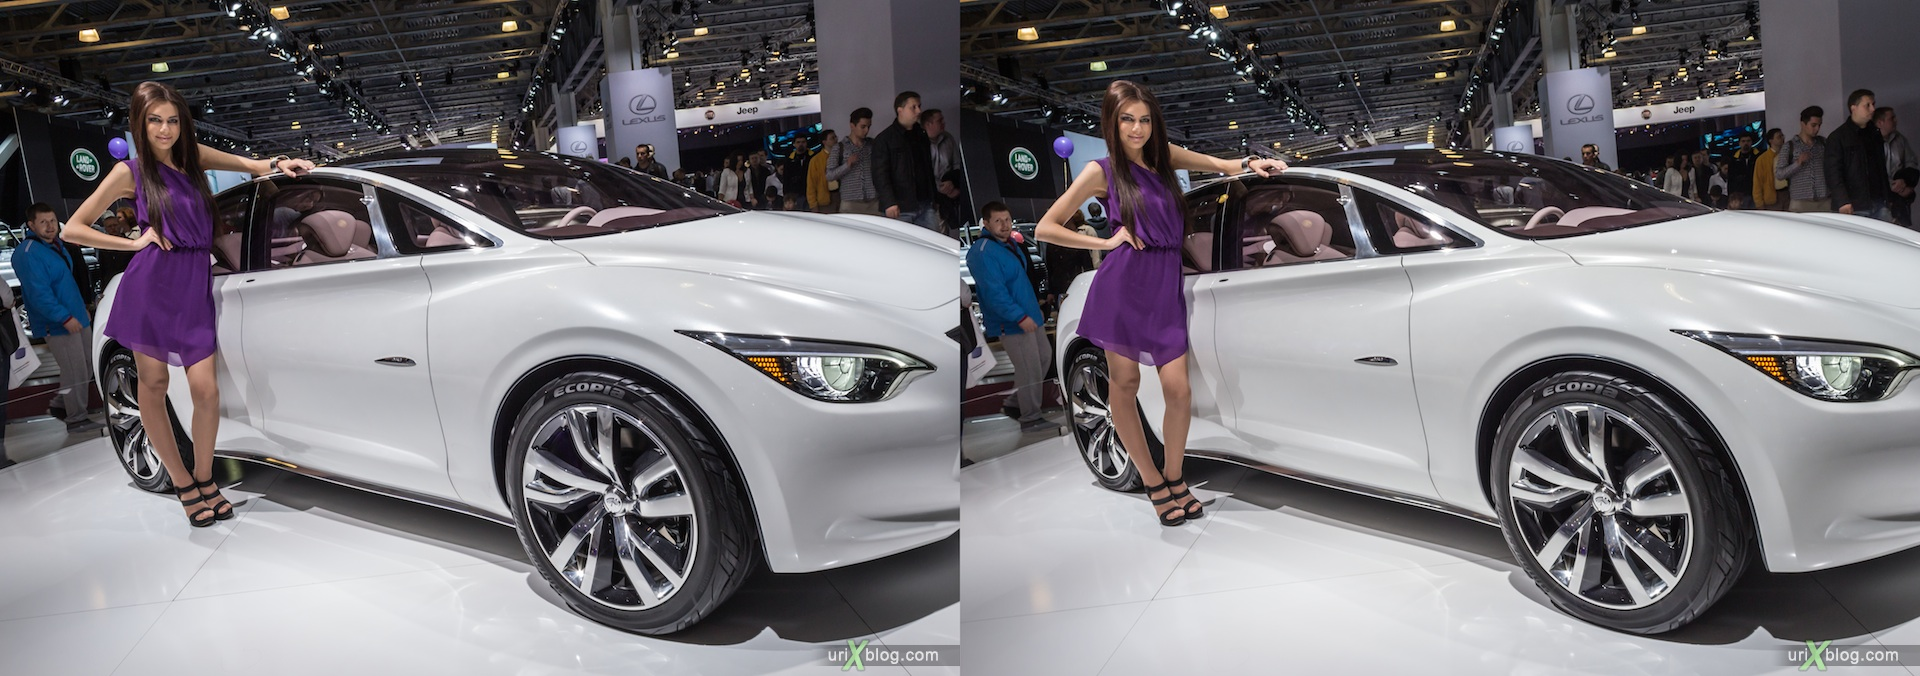 2012, Lexus, девушка, модель, girl, model, Московский международный автомобильный салон, ММАС, Крокус Экспо, 3D, стерео, стереопара